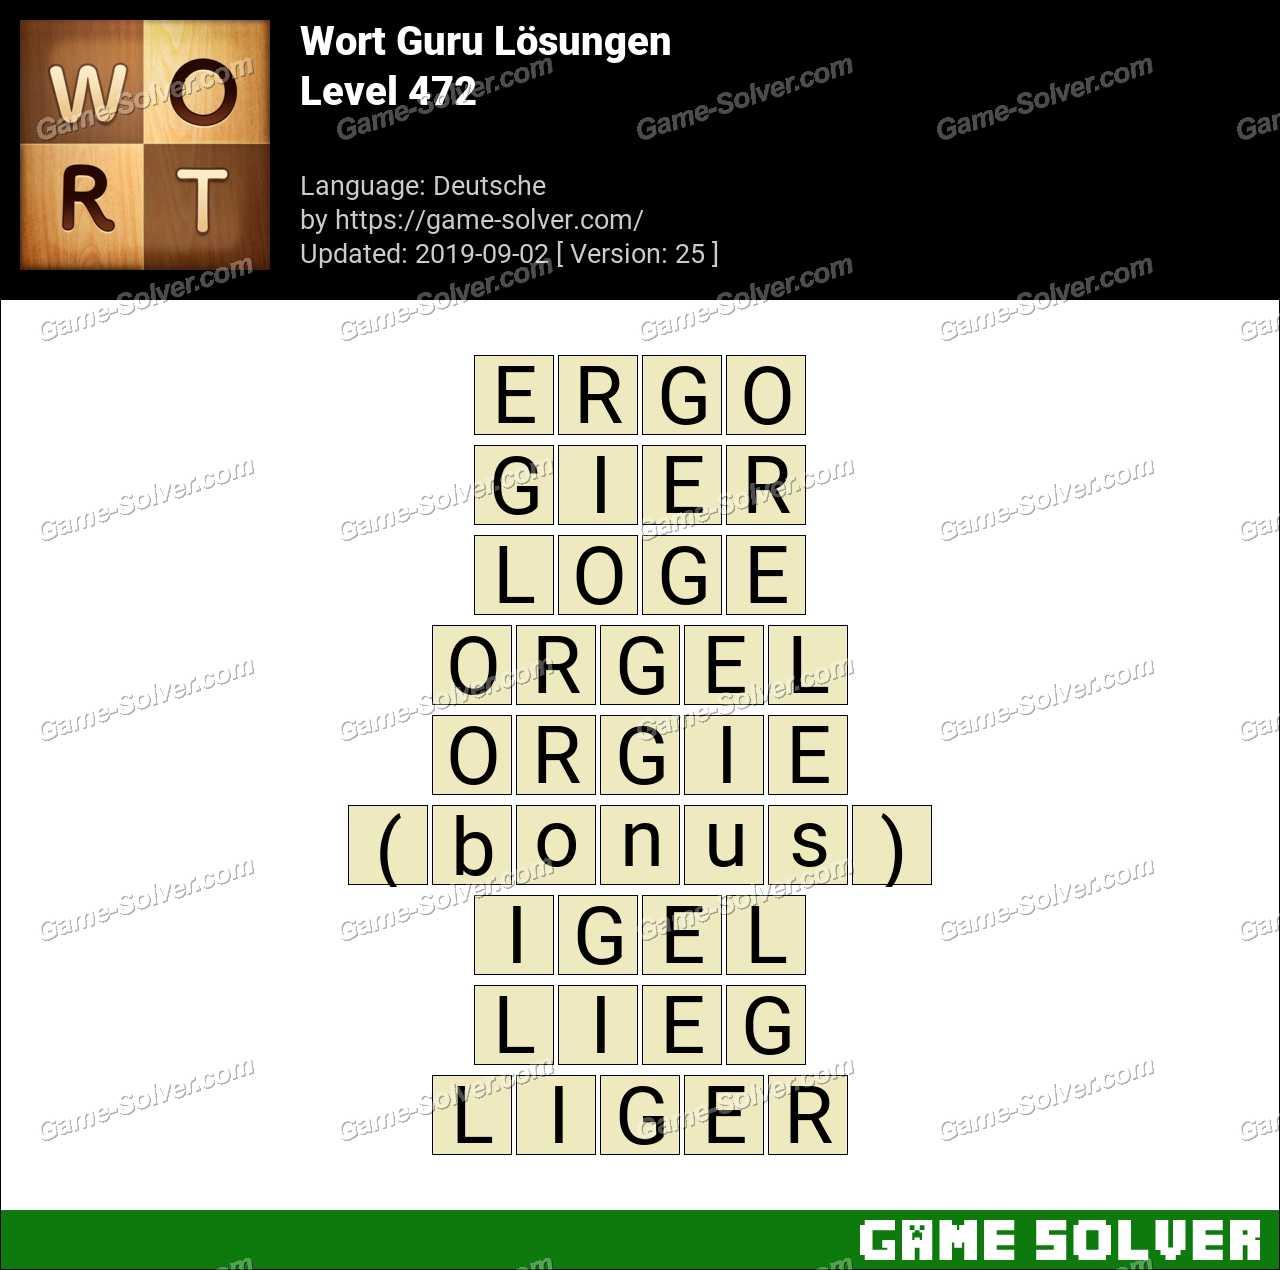 Wort Guru Level 472 Lösungen